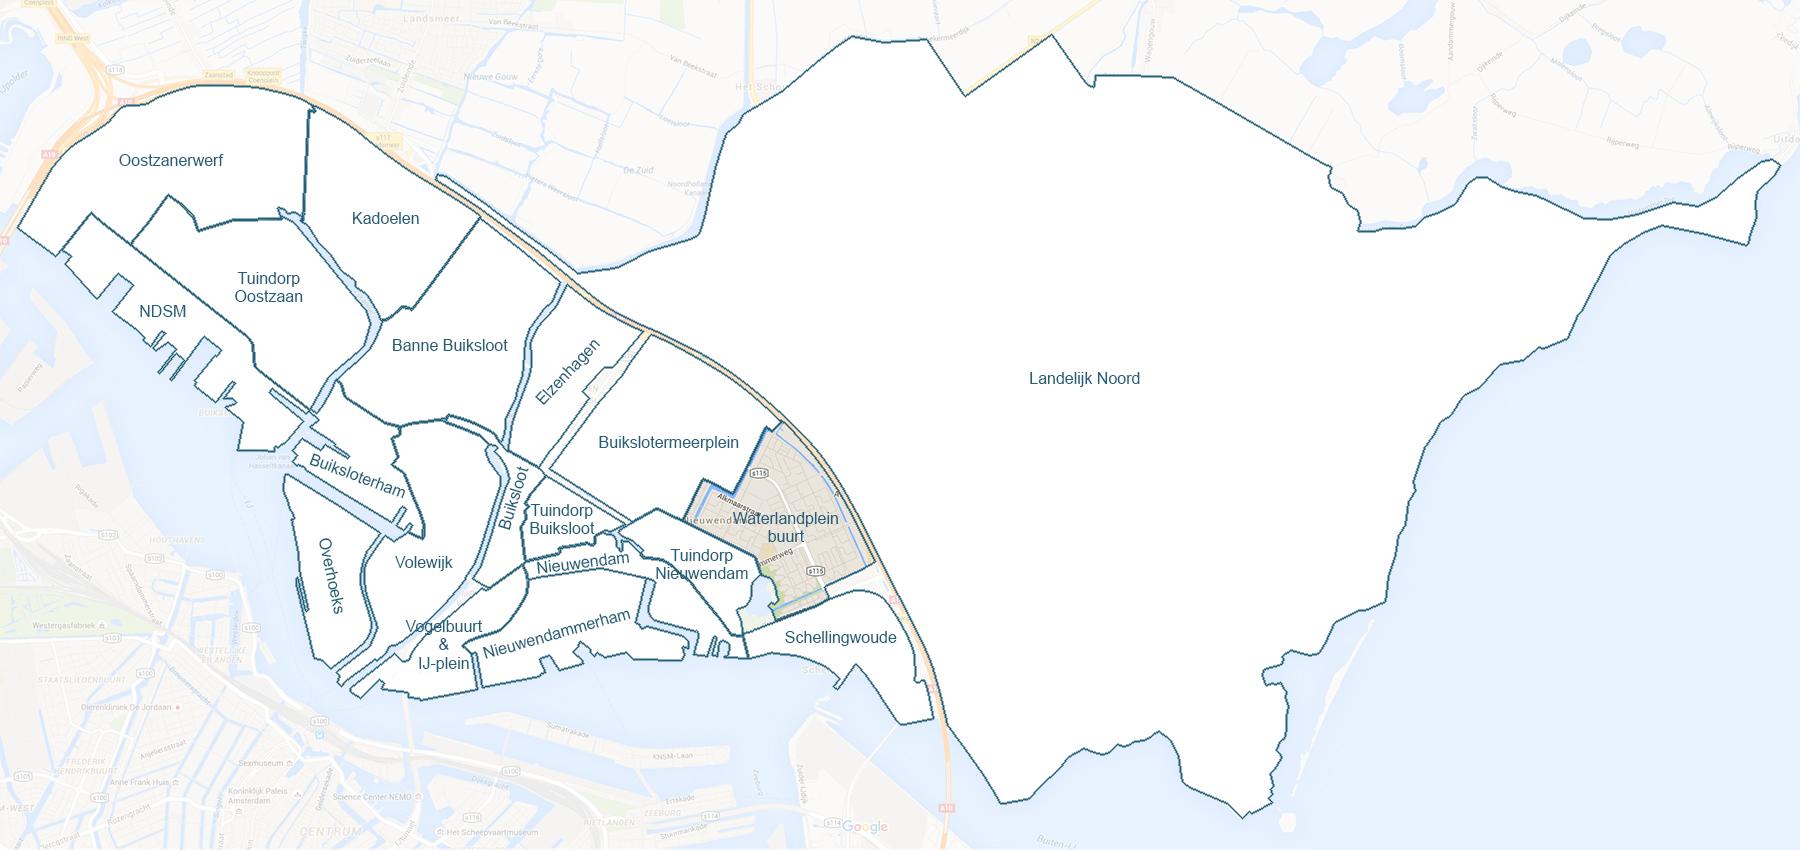 waterlandplein-buurt